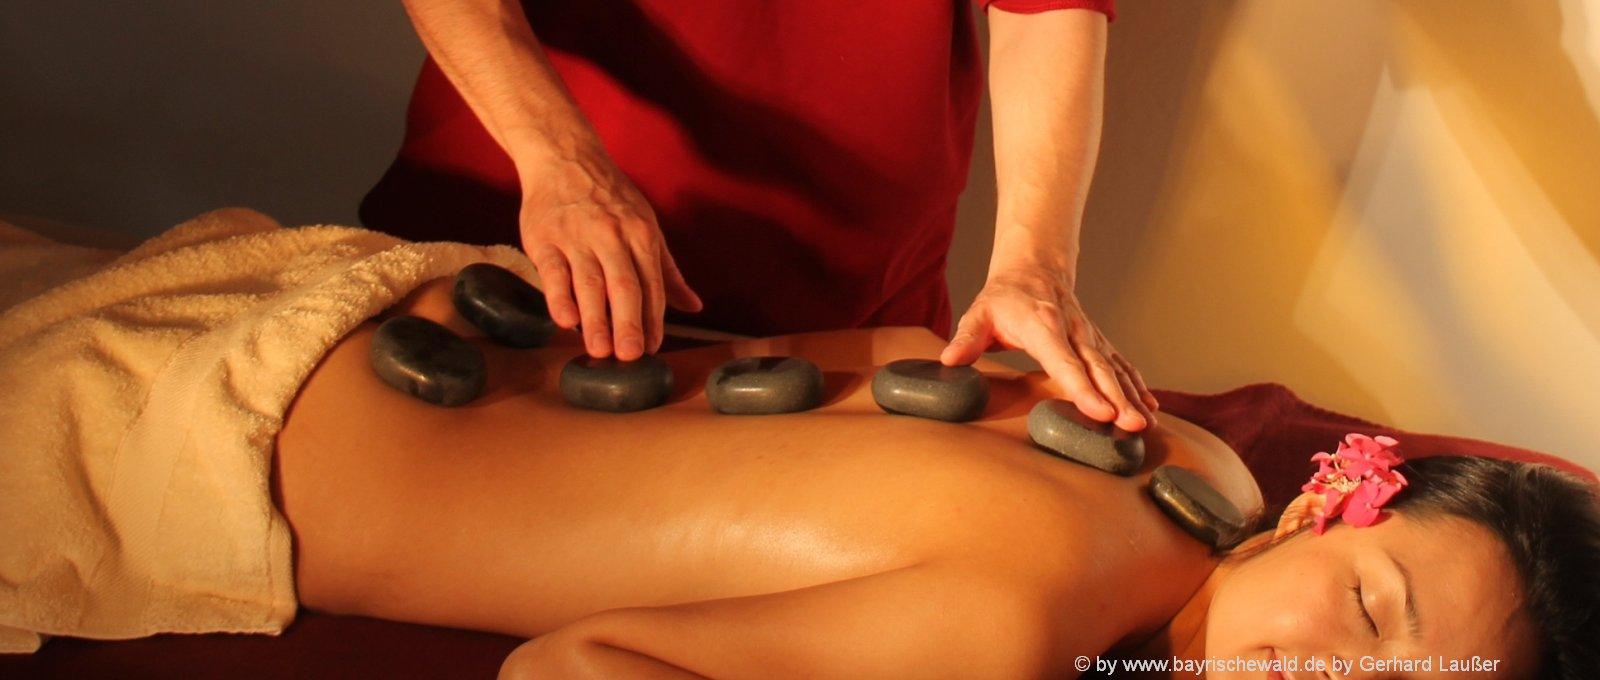 bayerischer-wald-wellnessurlaub-niederbayern-massagen